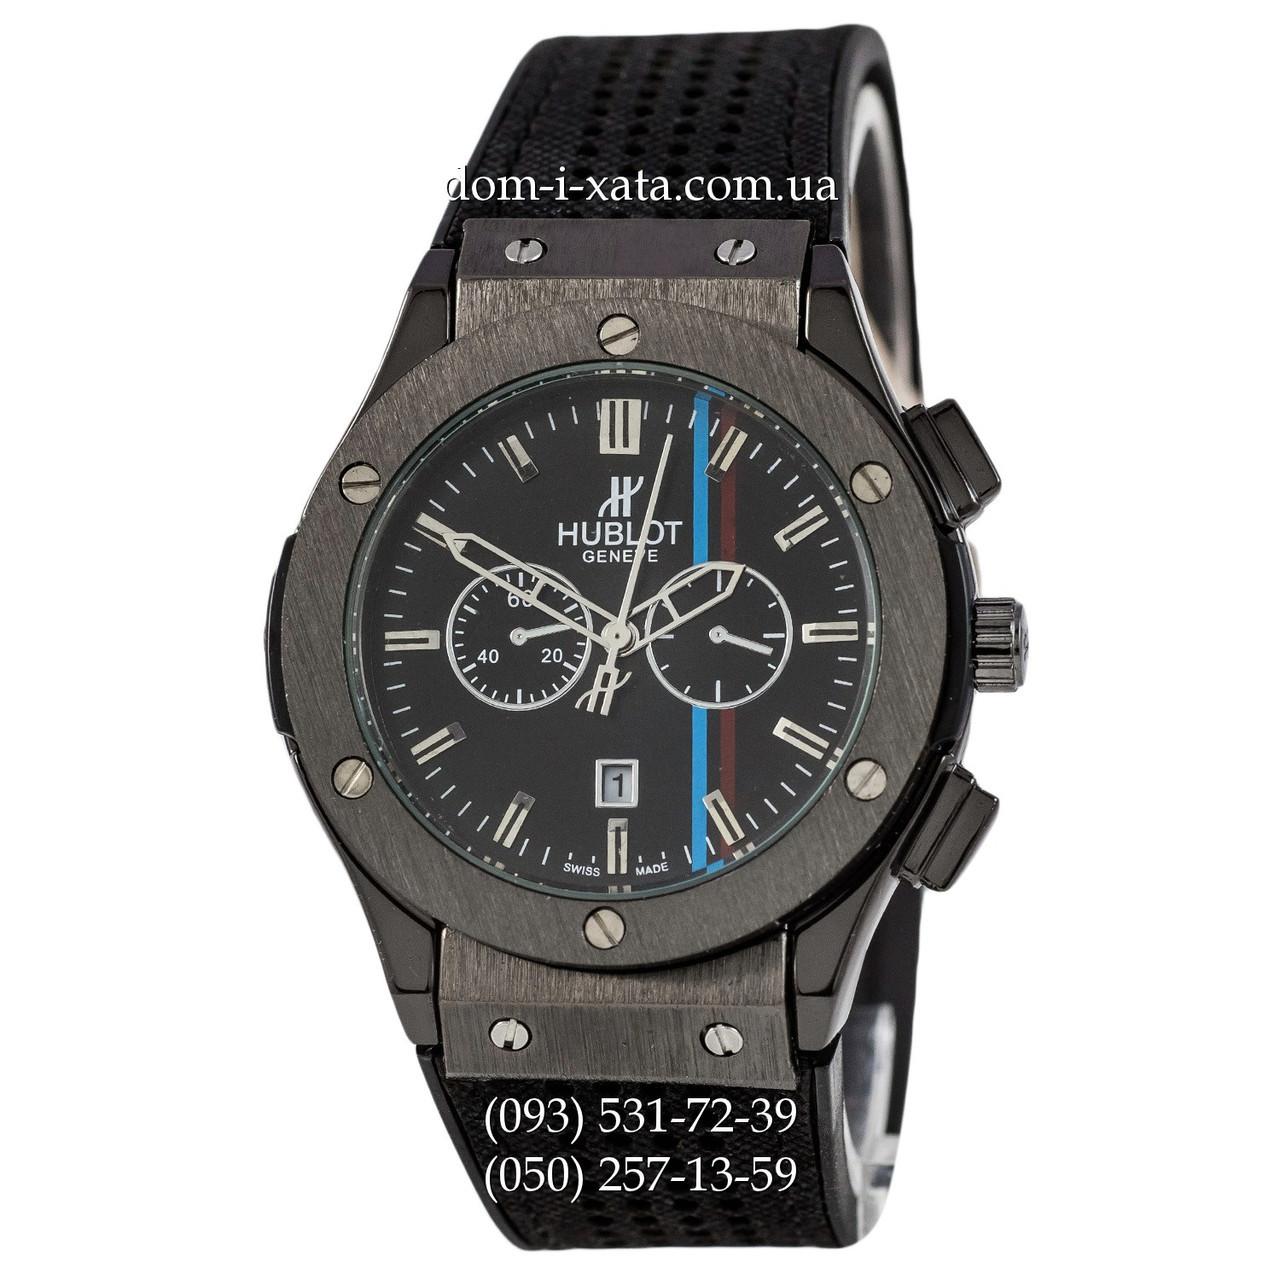 Мужские наручные часы Hublot 882888 Classic Fusion All Black, Хублот классик, реплика отличное качество!